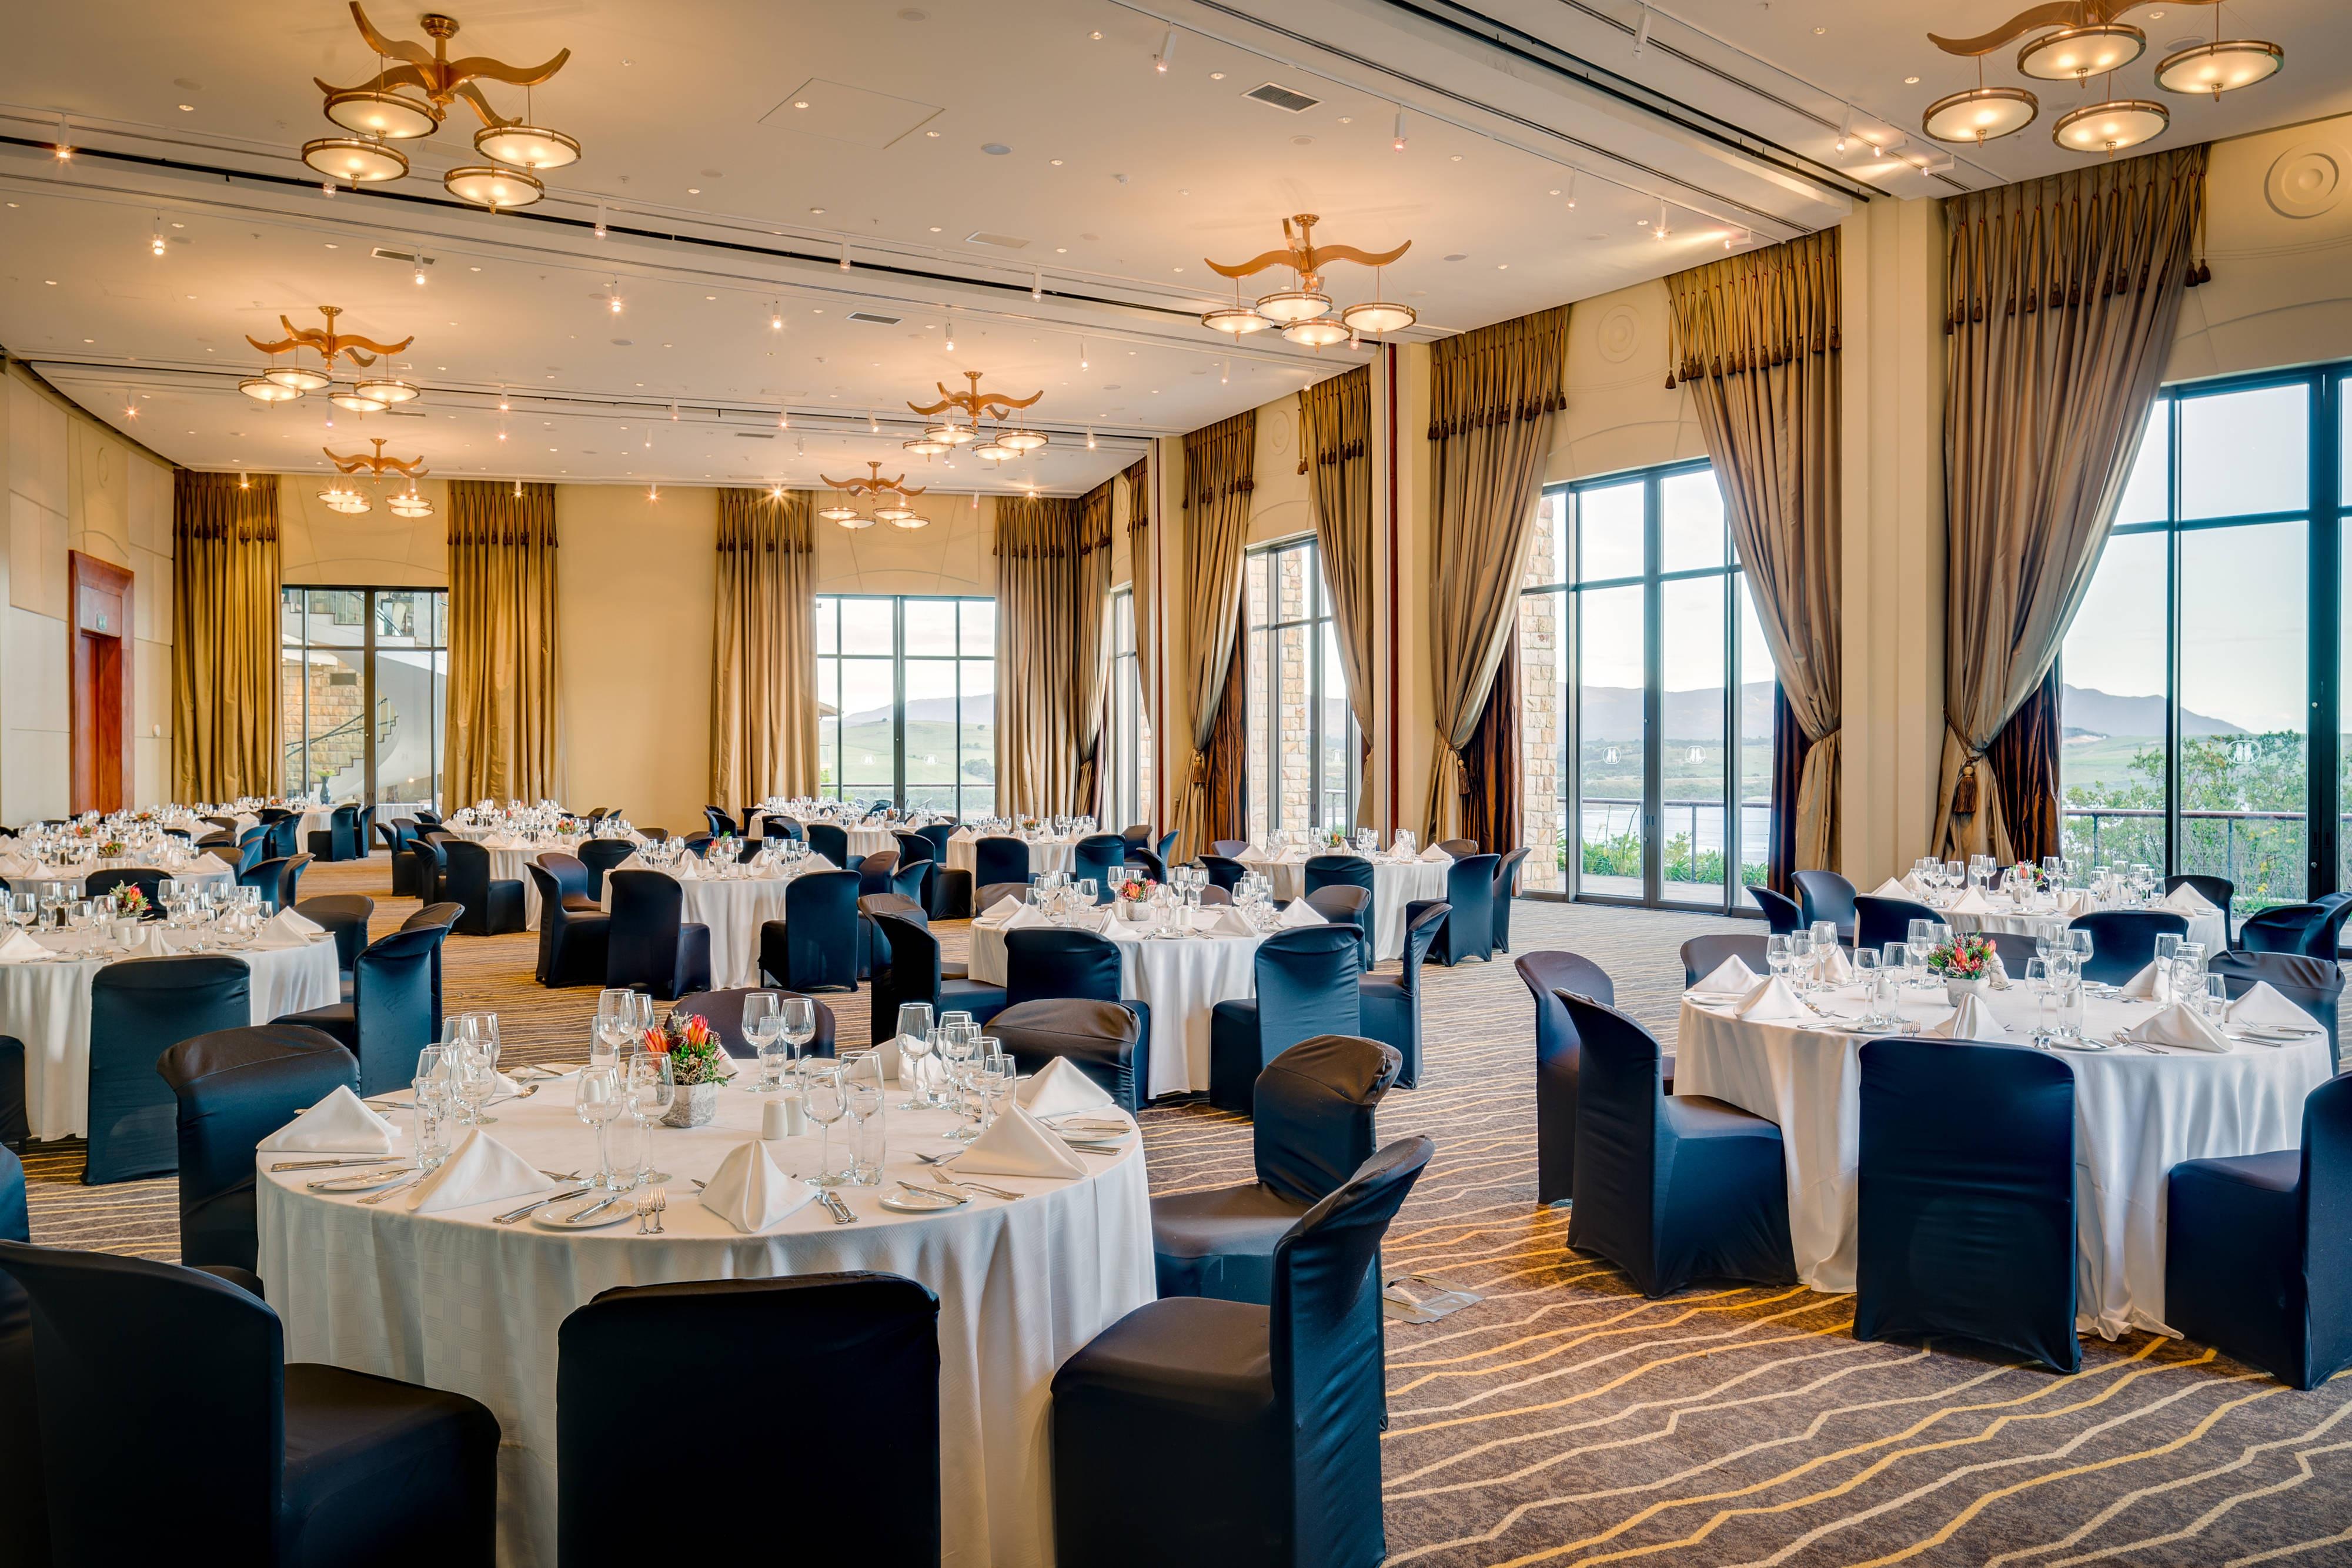 Conference Room – Banquet Setup